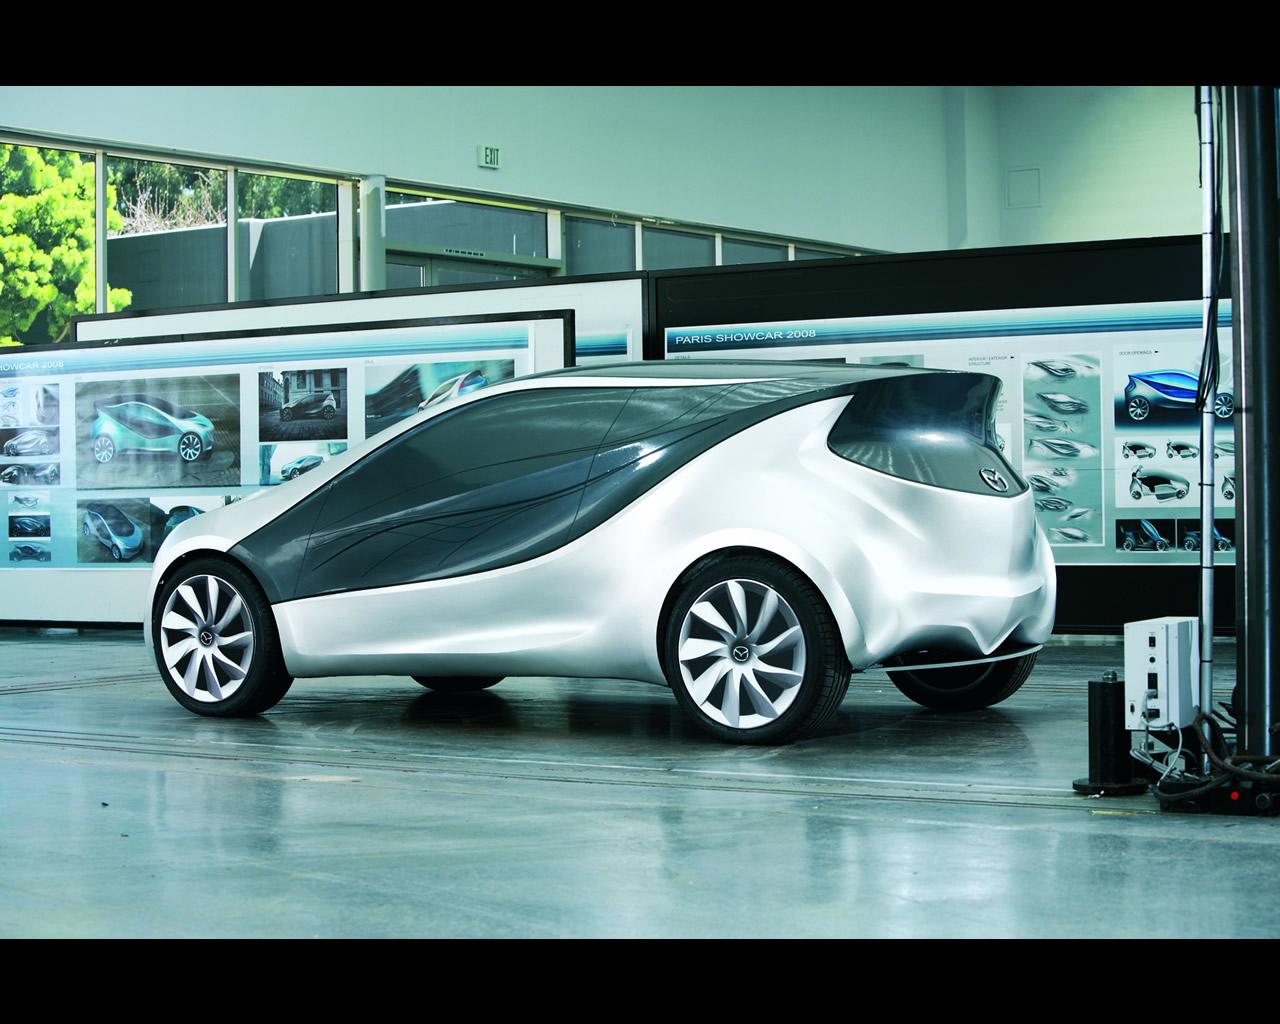 http://autoconcept-reviews.com/cars_reviews/mazda/mazda-kiyora-concept-2008/wallpaper/Mazda_Kiyora_Model4.jpg